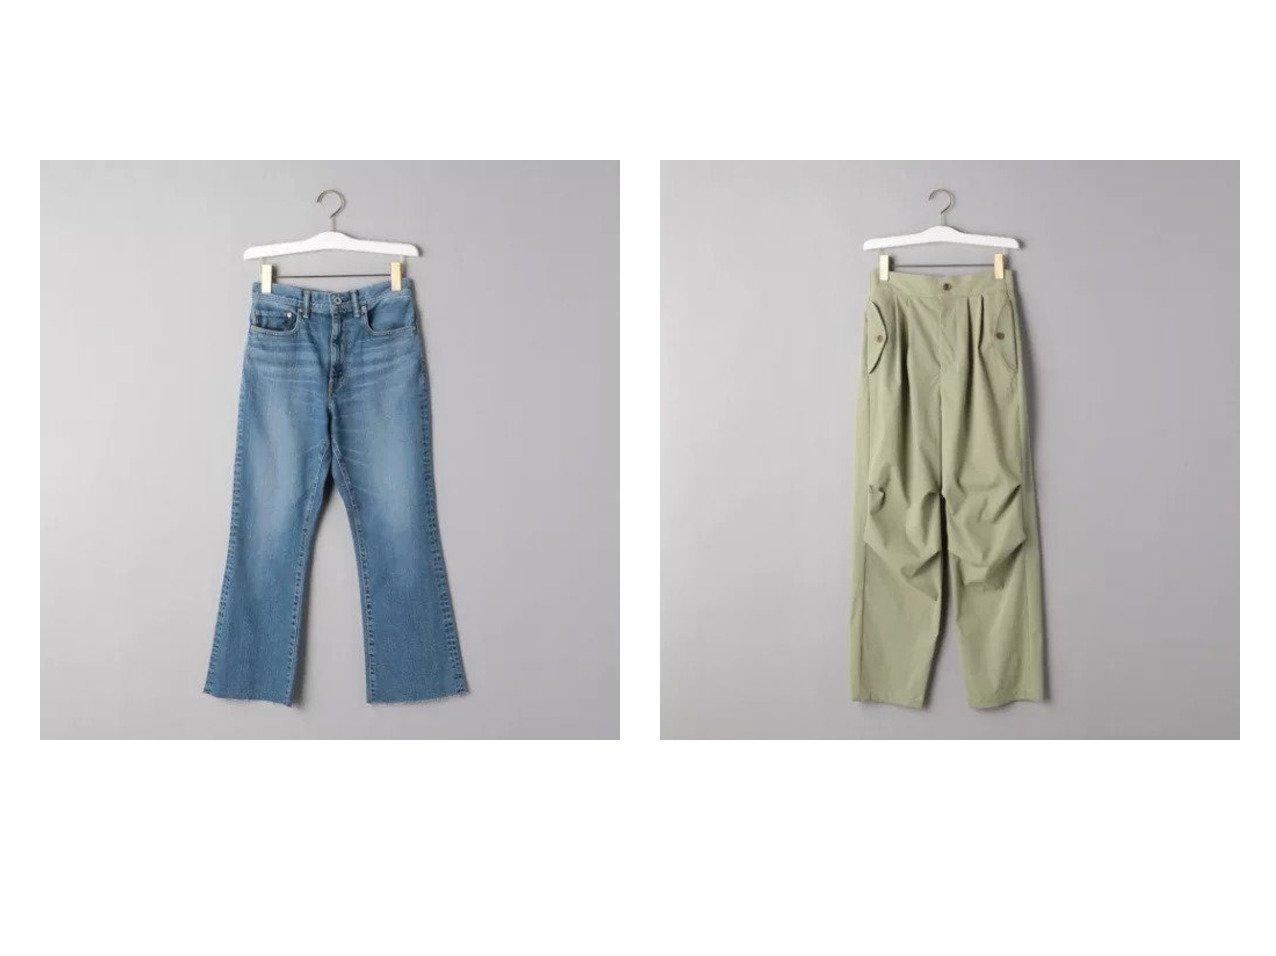 【UNITED ARROWS/ユナイテッドアローズ】のUWSC クロップド フレアデニムパンツ&ニータック パンツ パンツのおすすめ!人気、トレンド・レディースファッションの通販 おすすめで人気の流行・トレンド、ファッションの通販商品 メンズファッション・キッズファッション・インテリア・家具・レディースファッション・服の通販 founy(ファニー) https://founy.com/ ファッション Fashion レディースファッション WOMEN パンツ Pants デニムパンツ Denim Pants カットオフ クロップド サンダル シューズ デニム フレア |ID:crp329100000024688